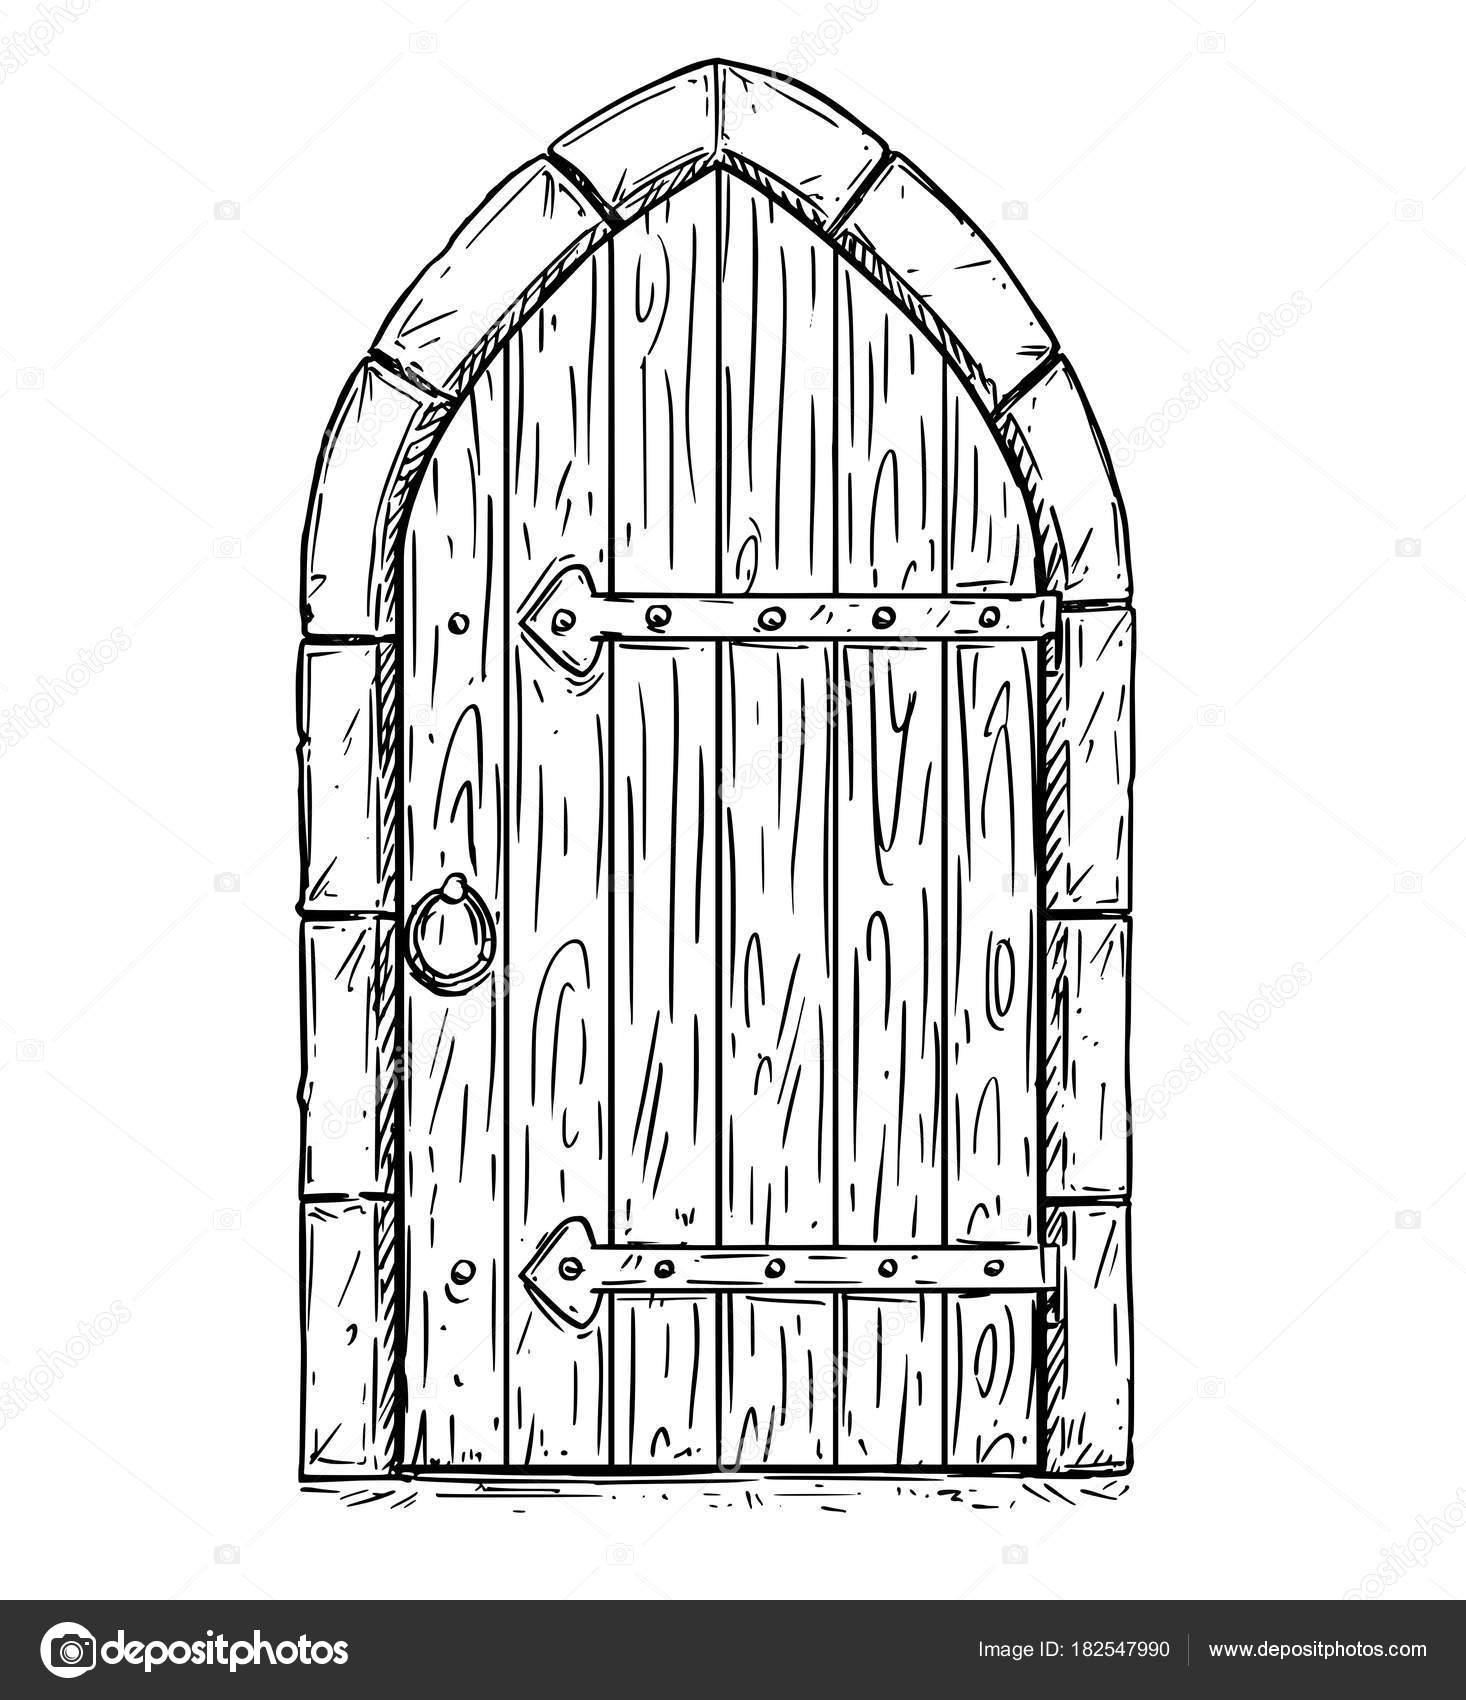 Dibujos Puerta De Castillo Dibujo Vector De Dibujos